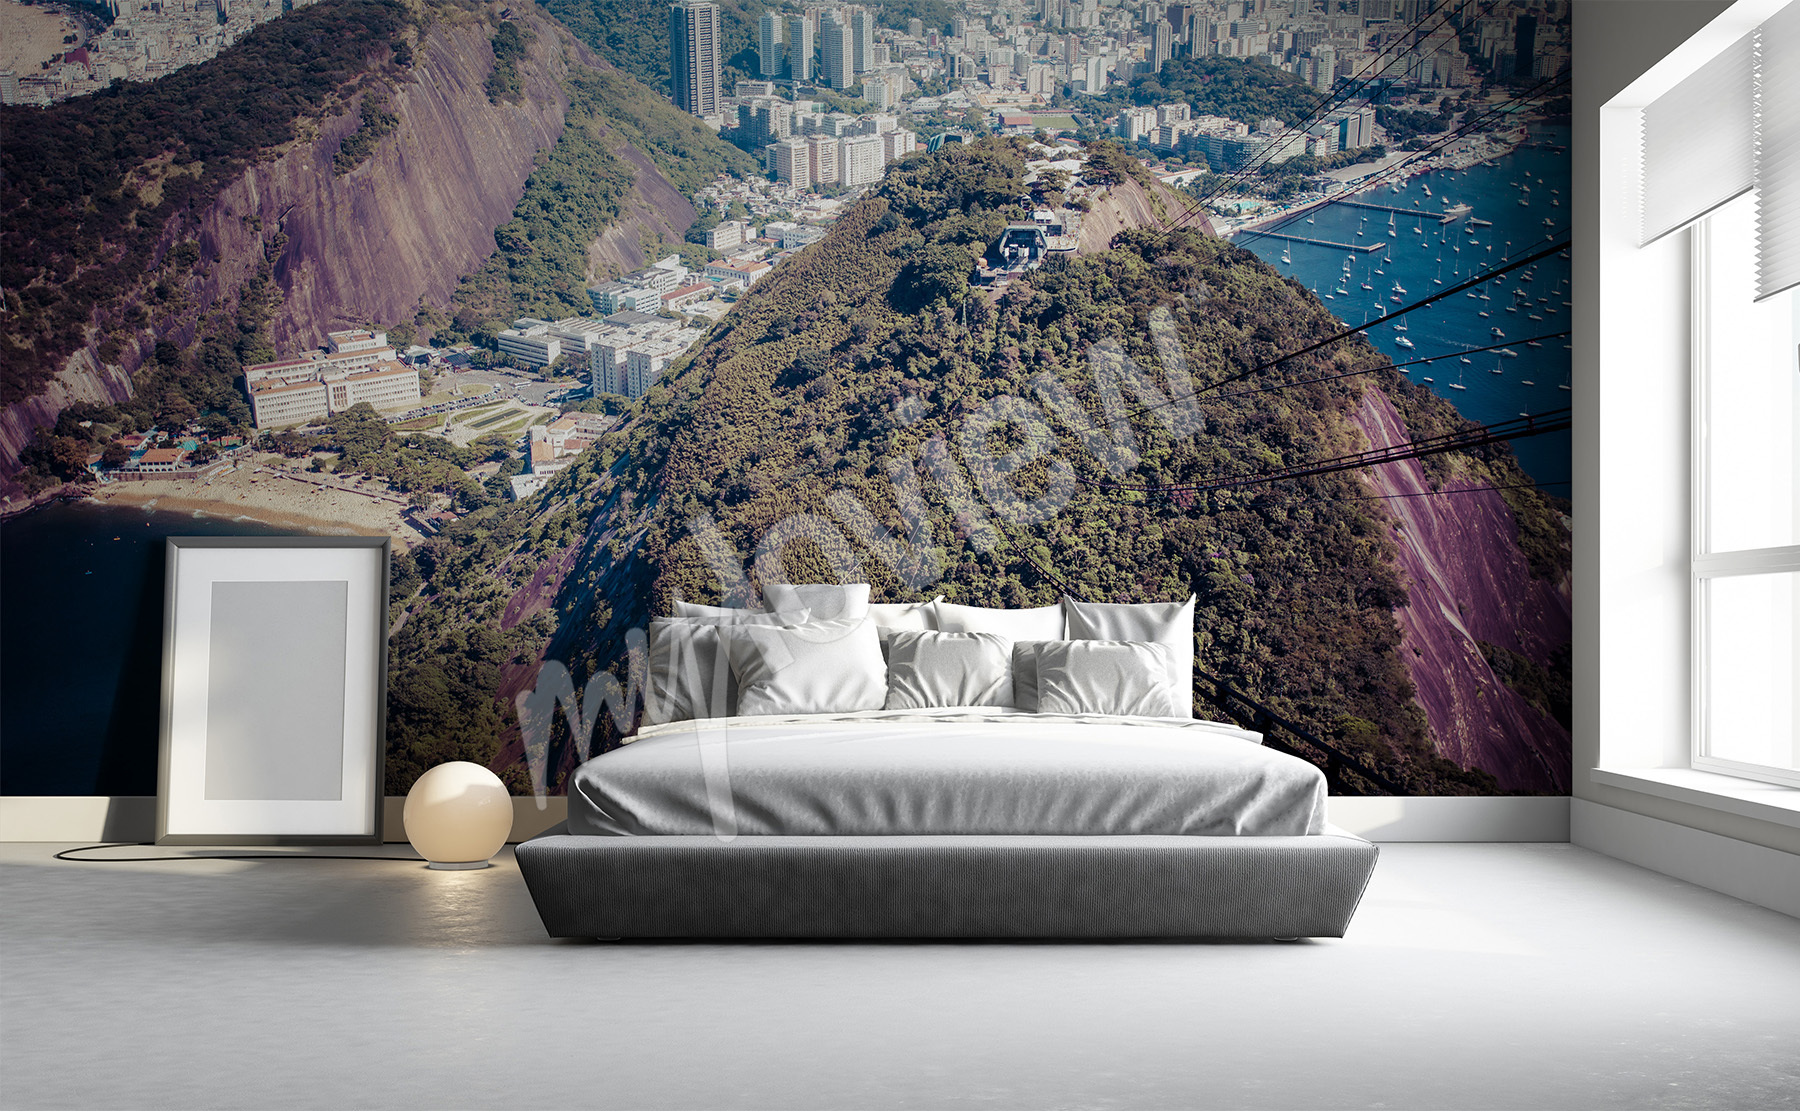 Carta da parati montagne su misura della parete for Carta da parati per camera da letto